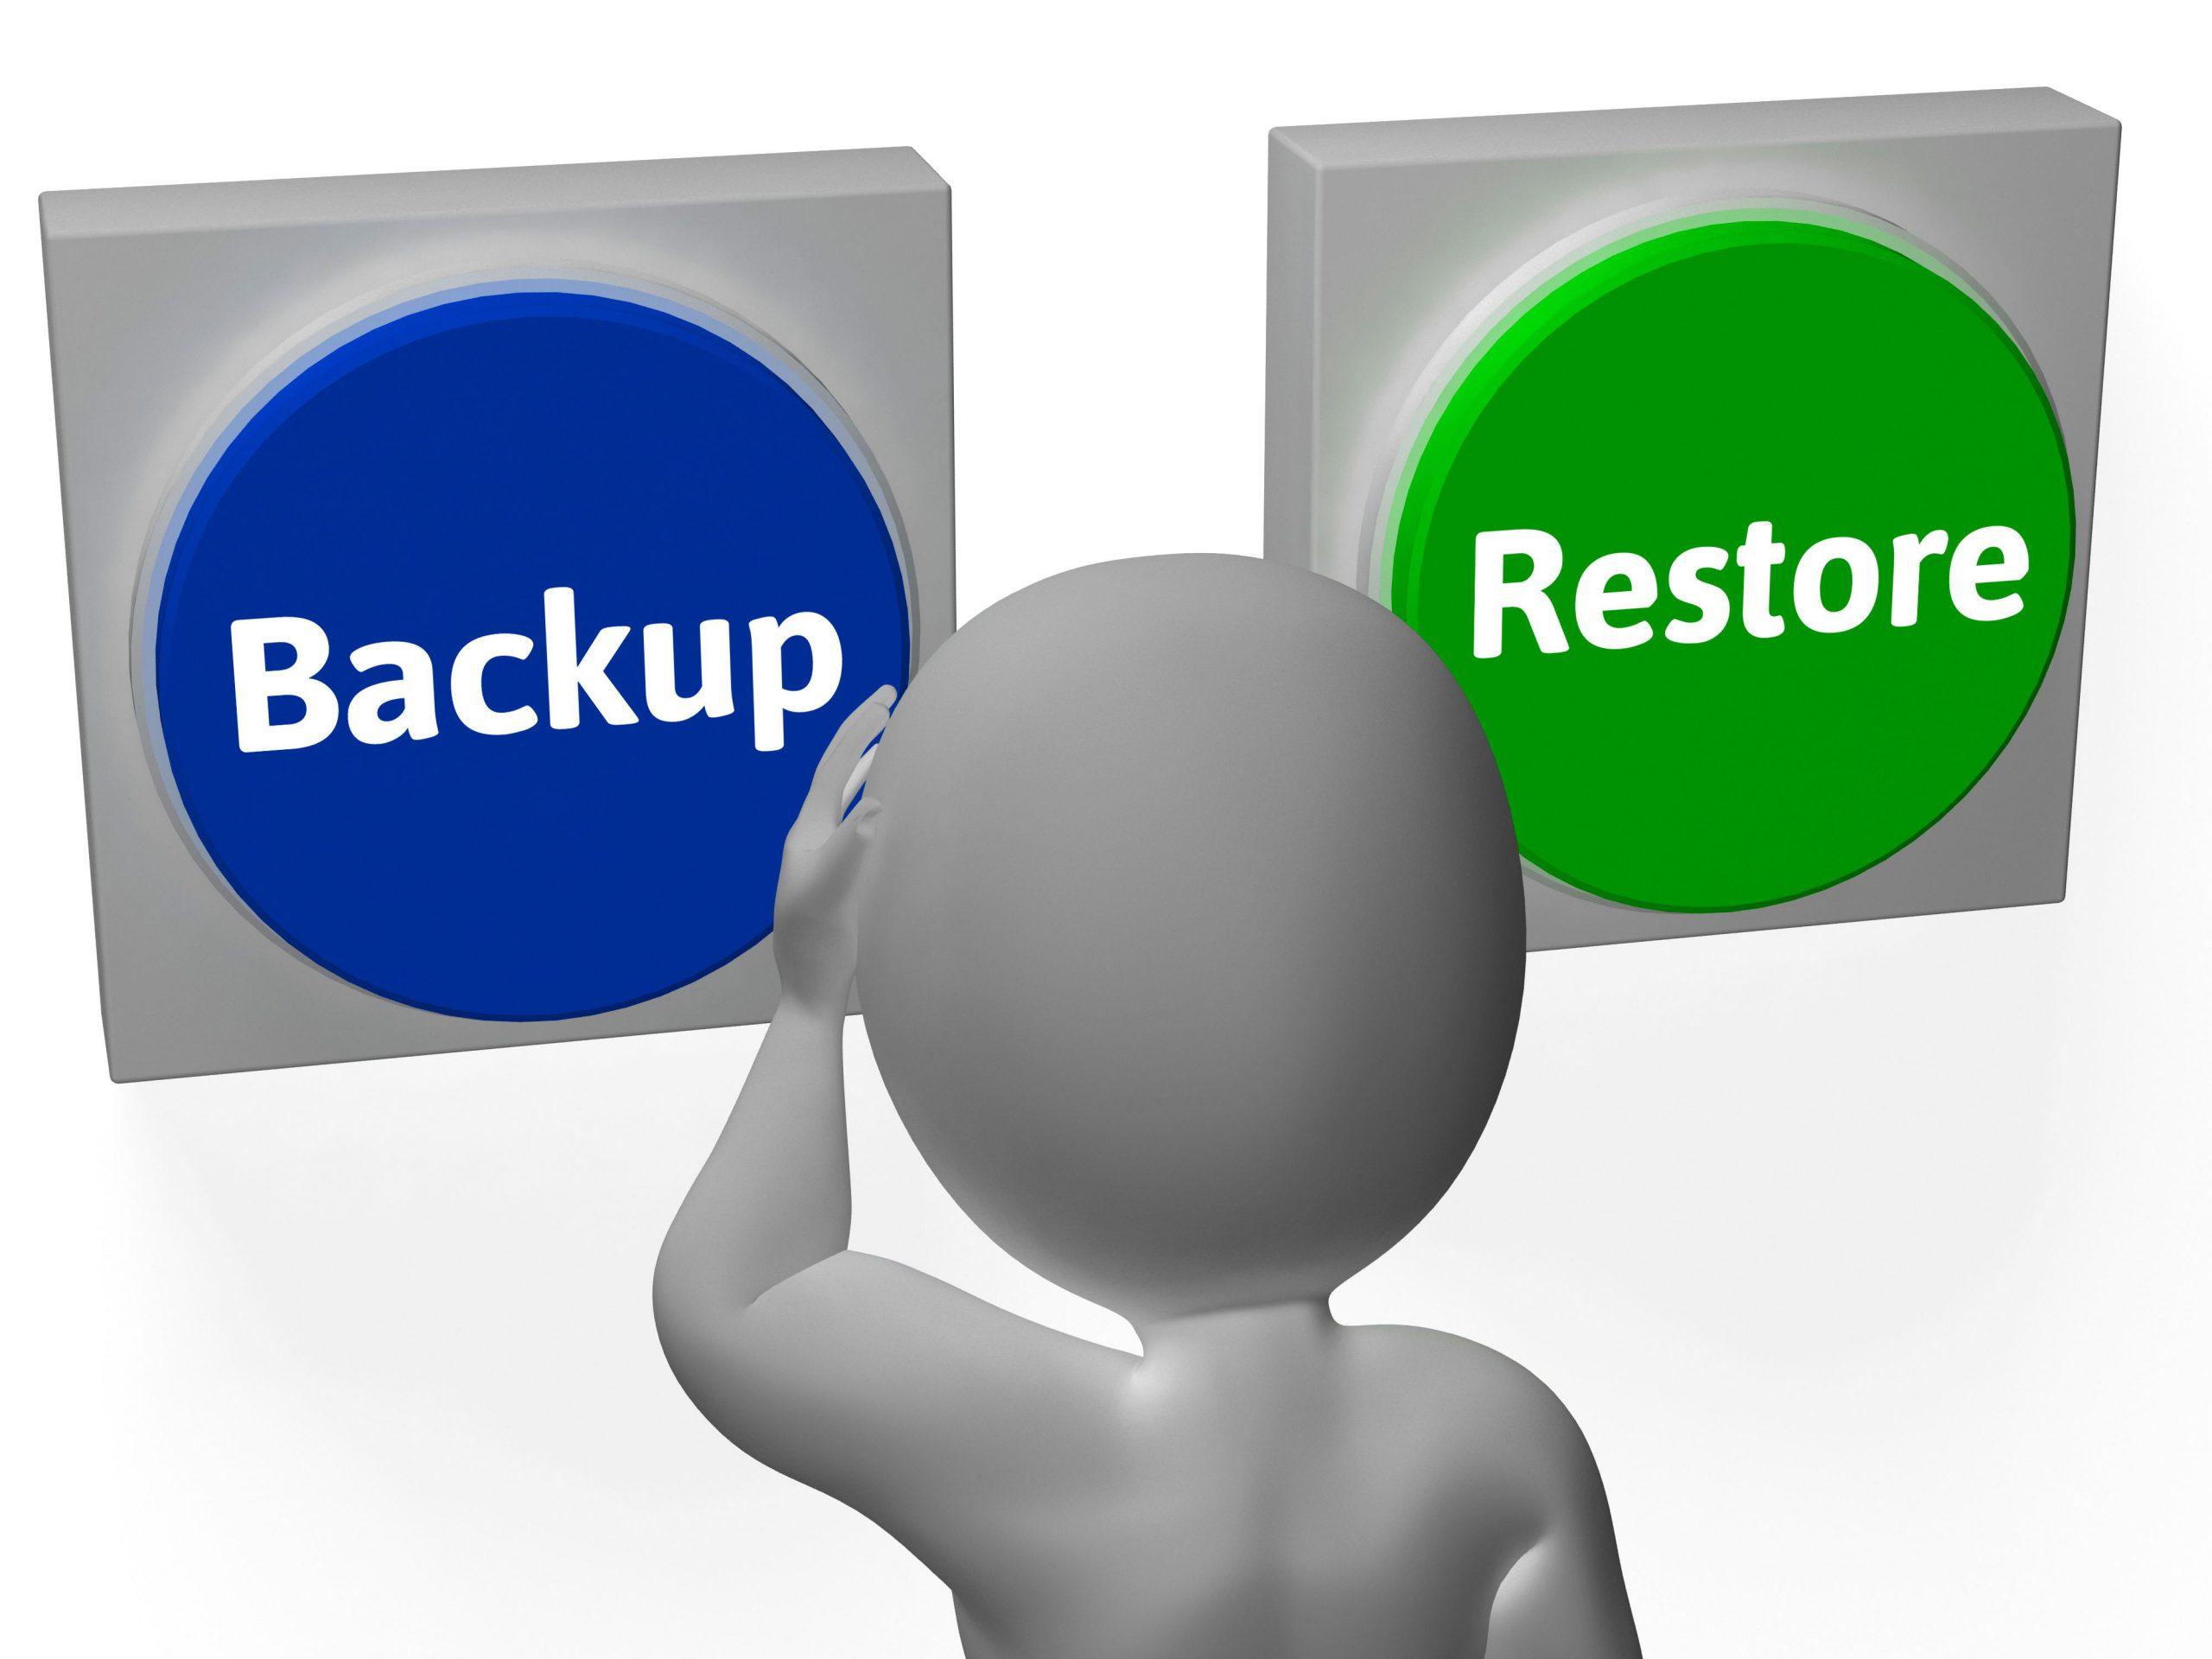 بکاپ گیری از ویندوز سرور 2003 | استفاده و پیکره بندی قابلیت Backup & Restore تحت Windows Server 2003